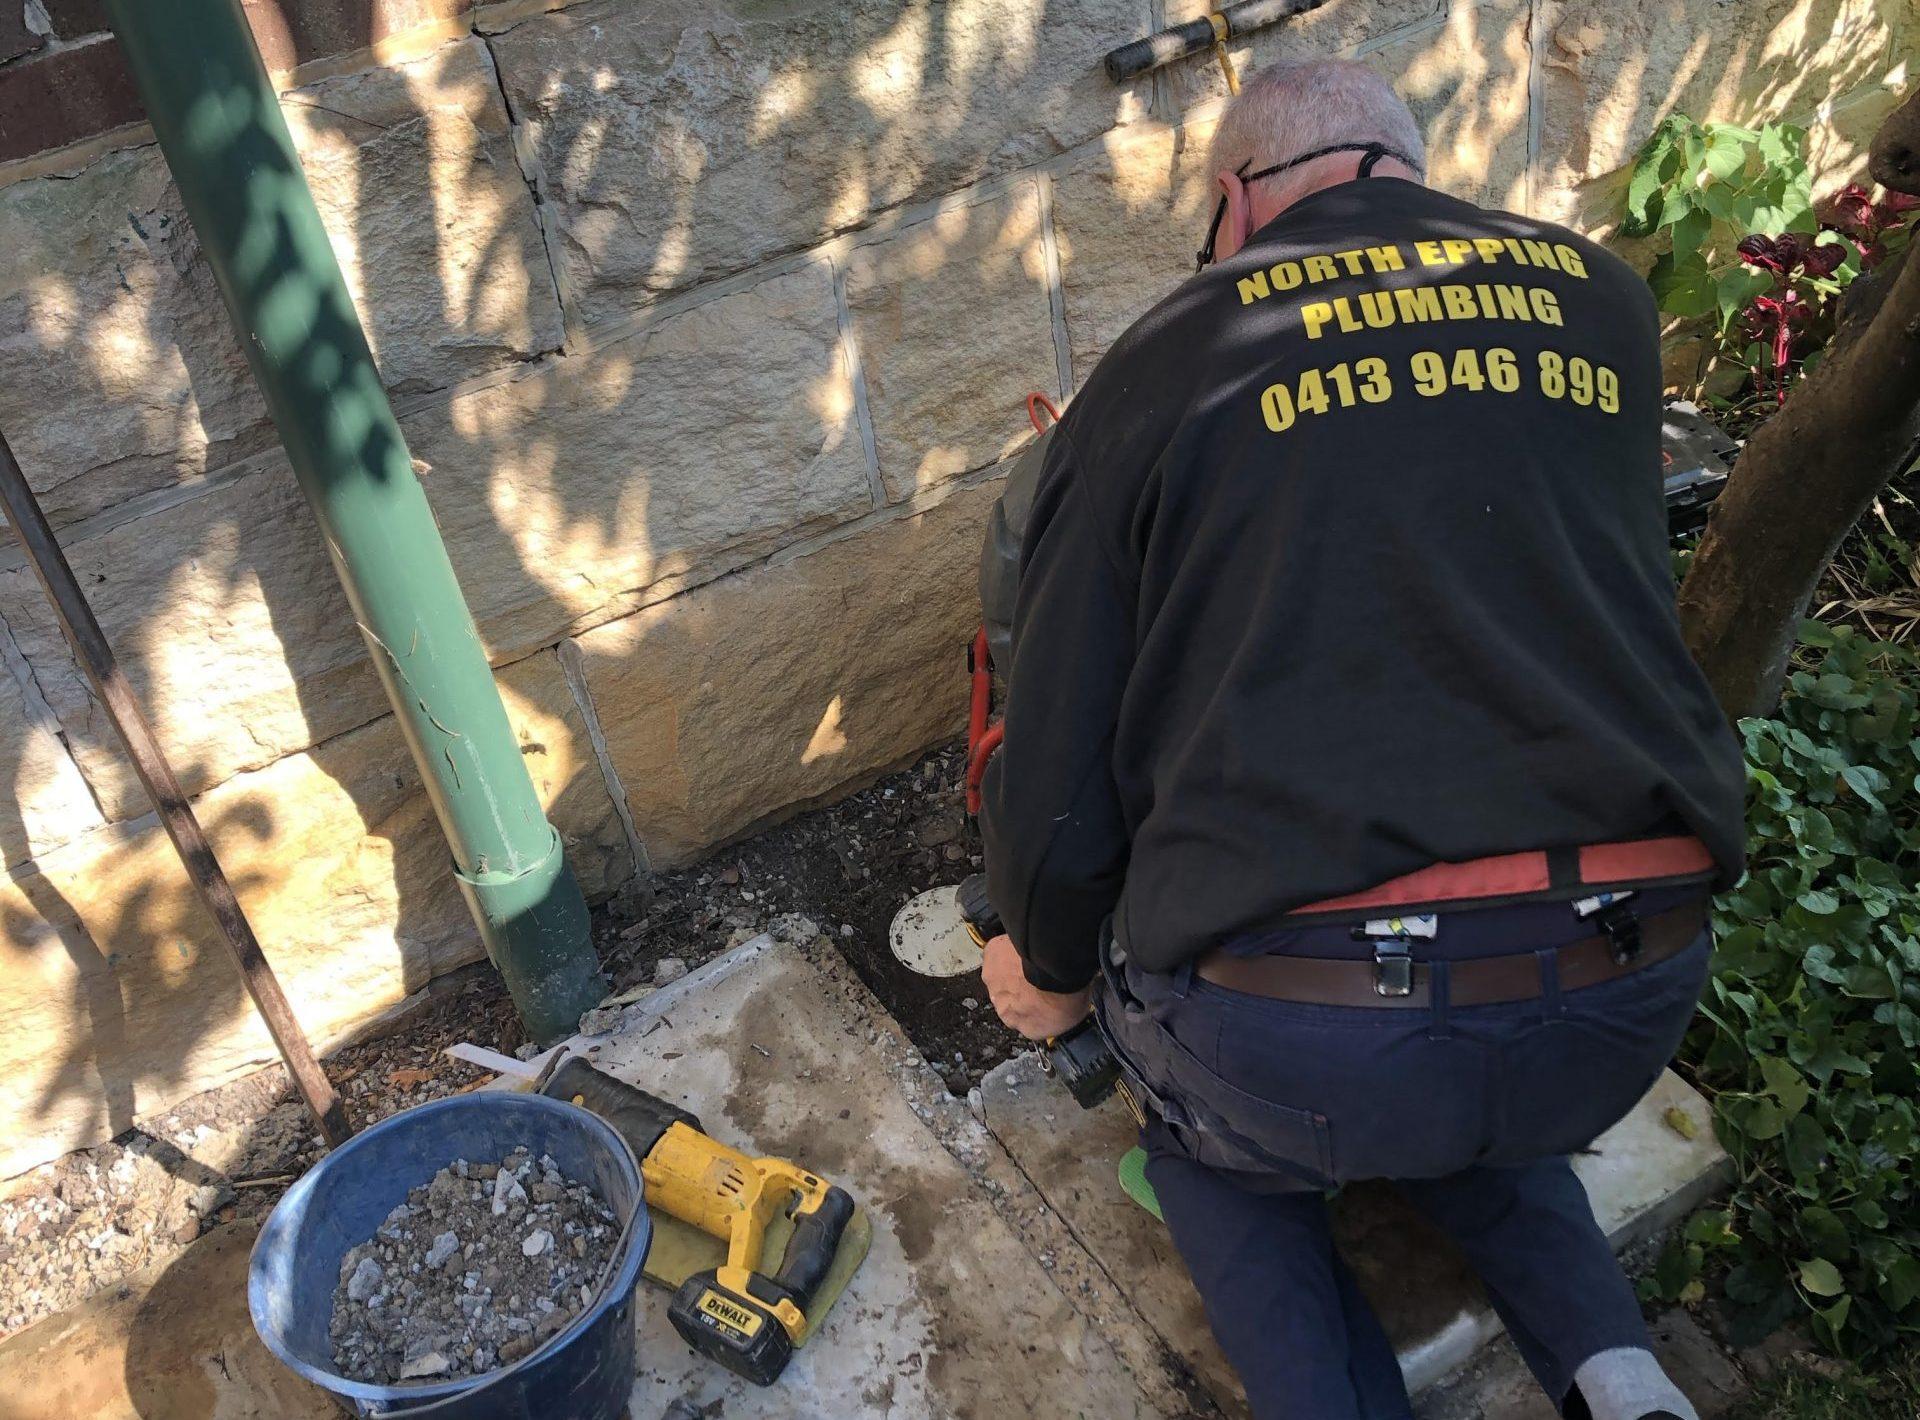 sewer inspection hidden under water tank